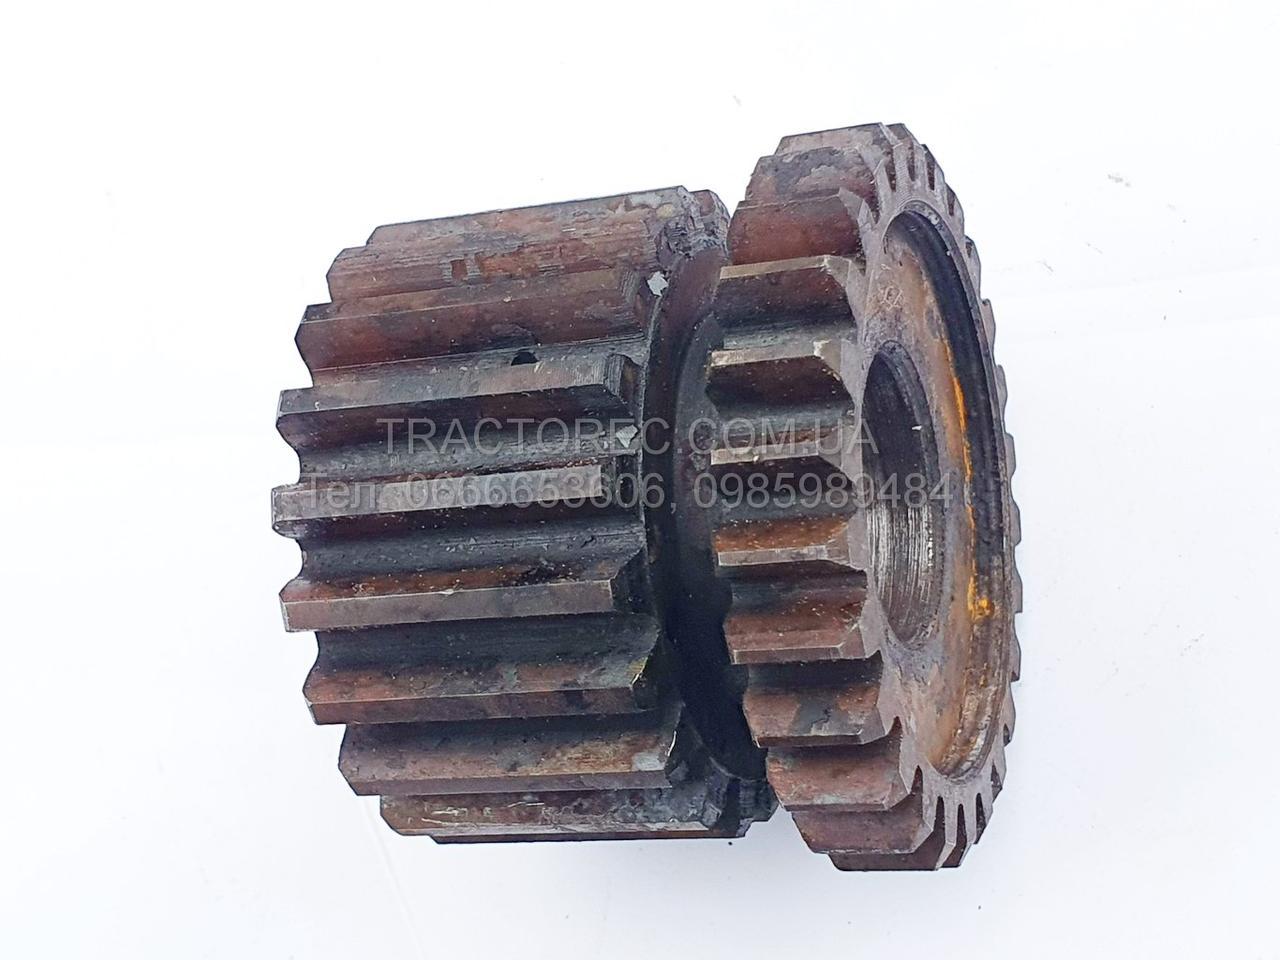 Шестерня ведомая повышающая для коробки передач мототракторов Z-20, Z-26 (Z-20/26) БУЛАТ, ЗУБР, и т.п.